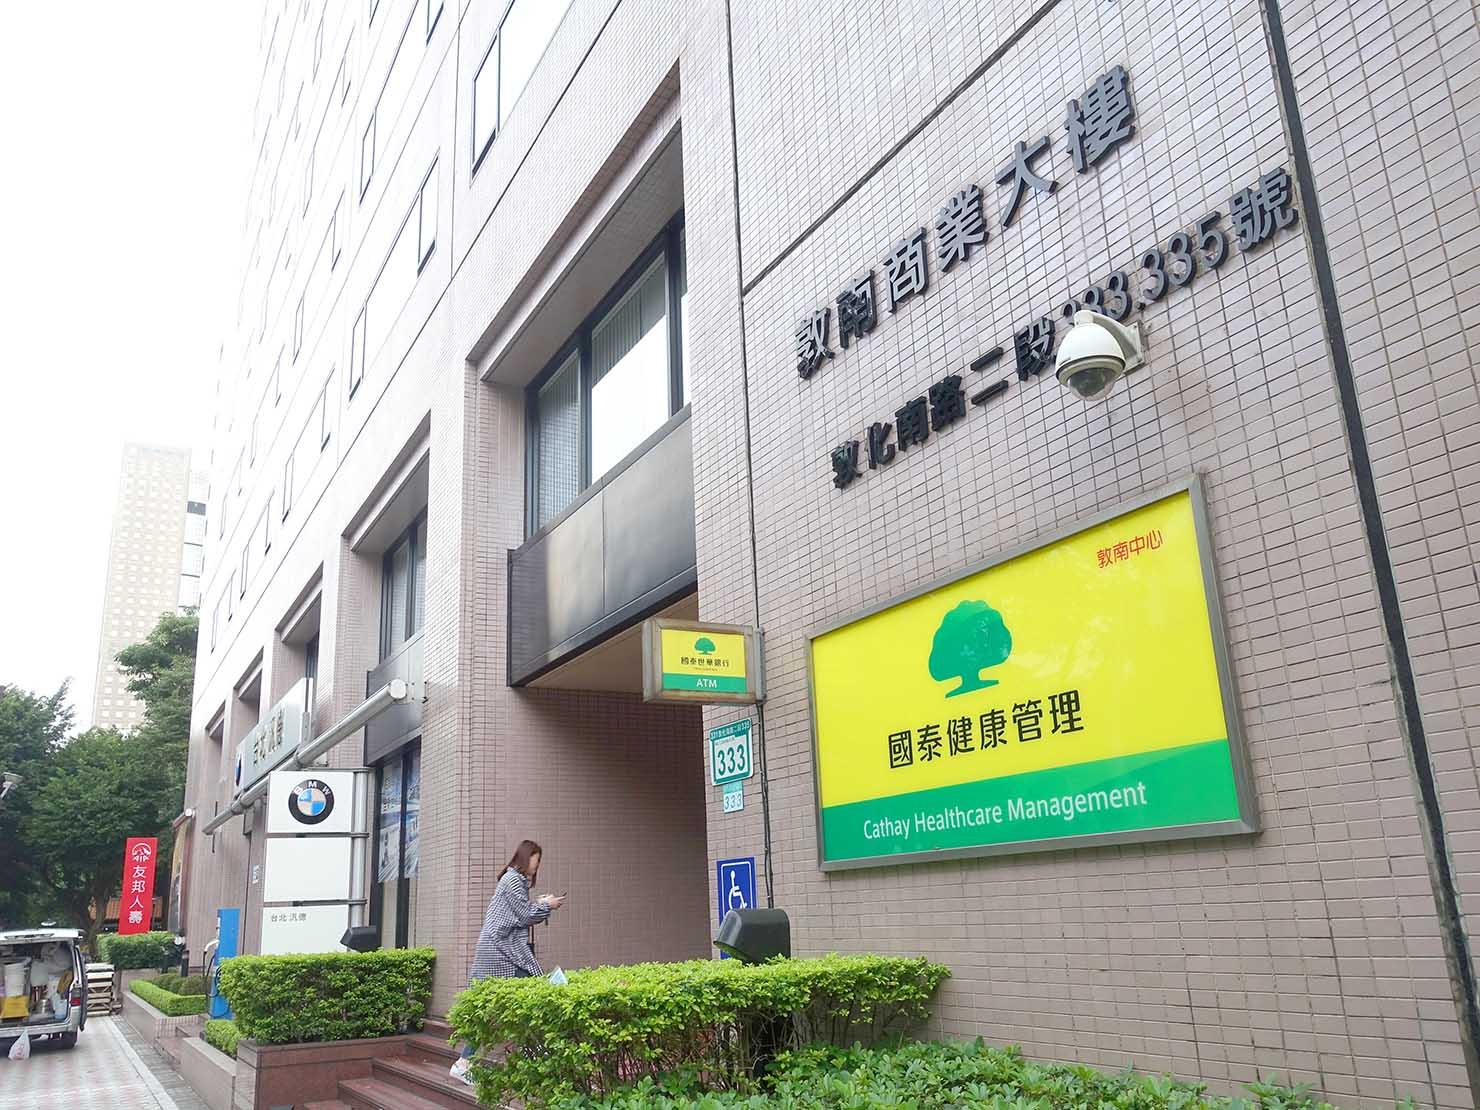 台湾の健康診断センター「國泰健康管理」のあるビル